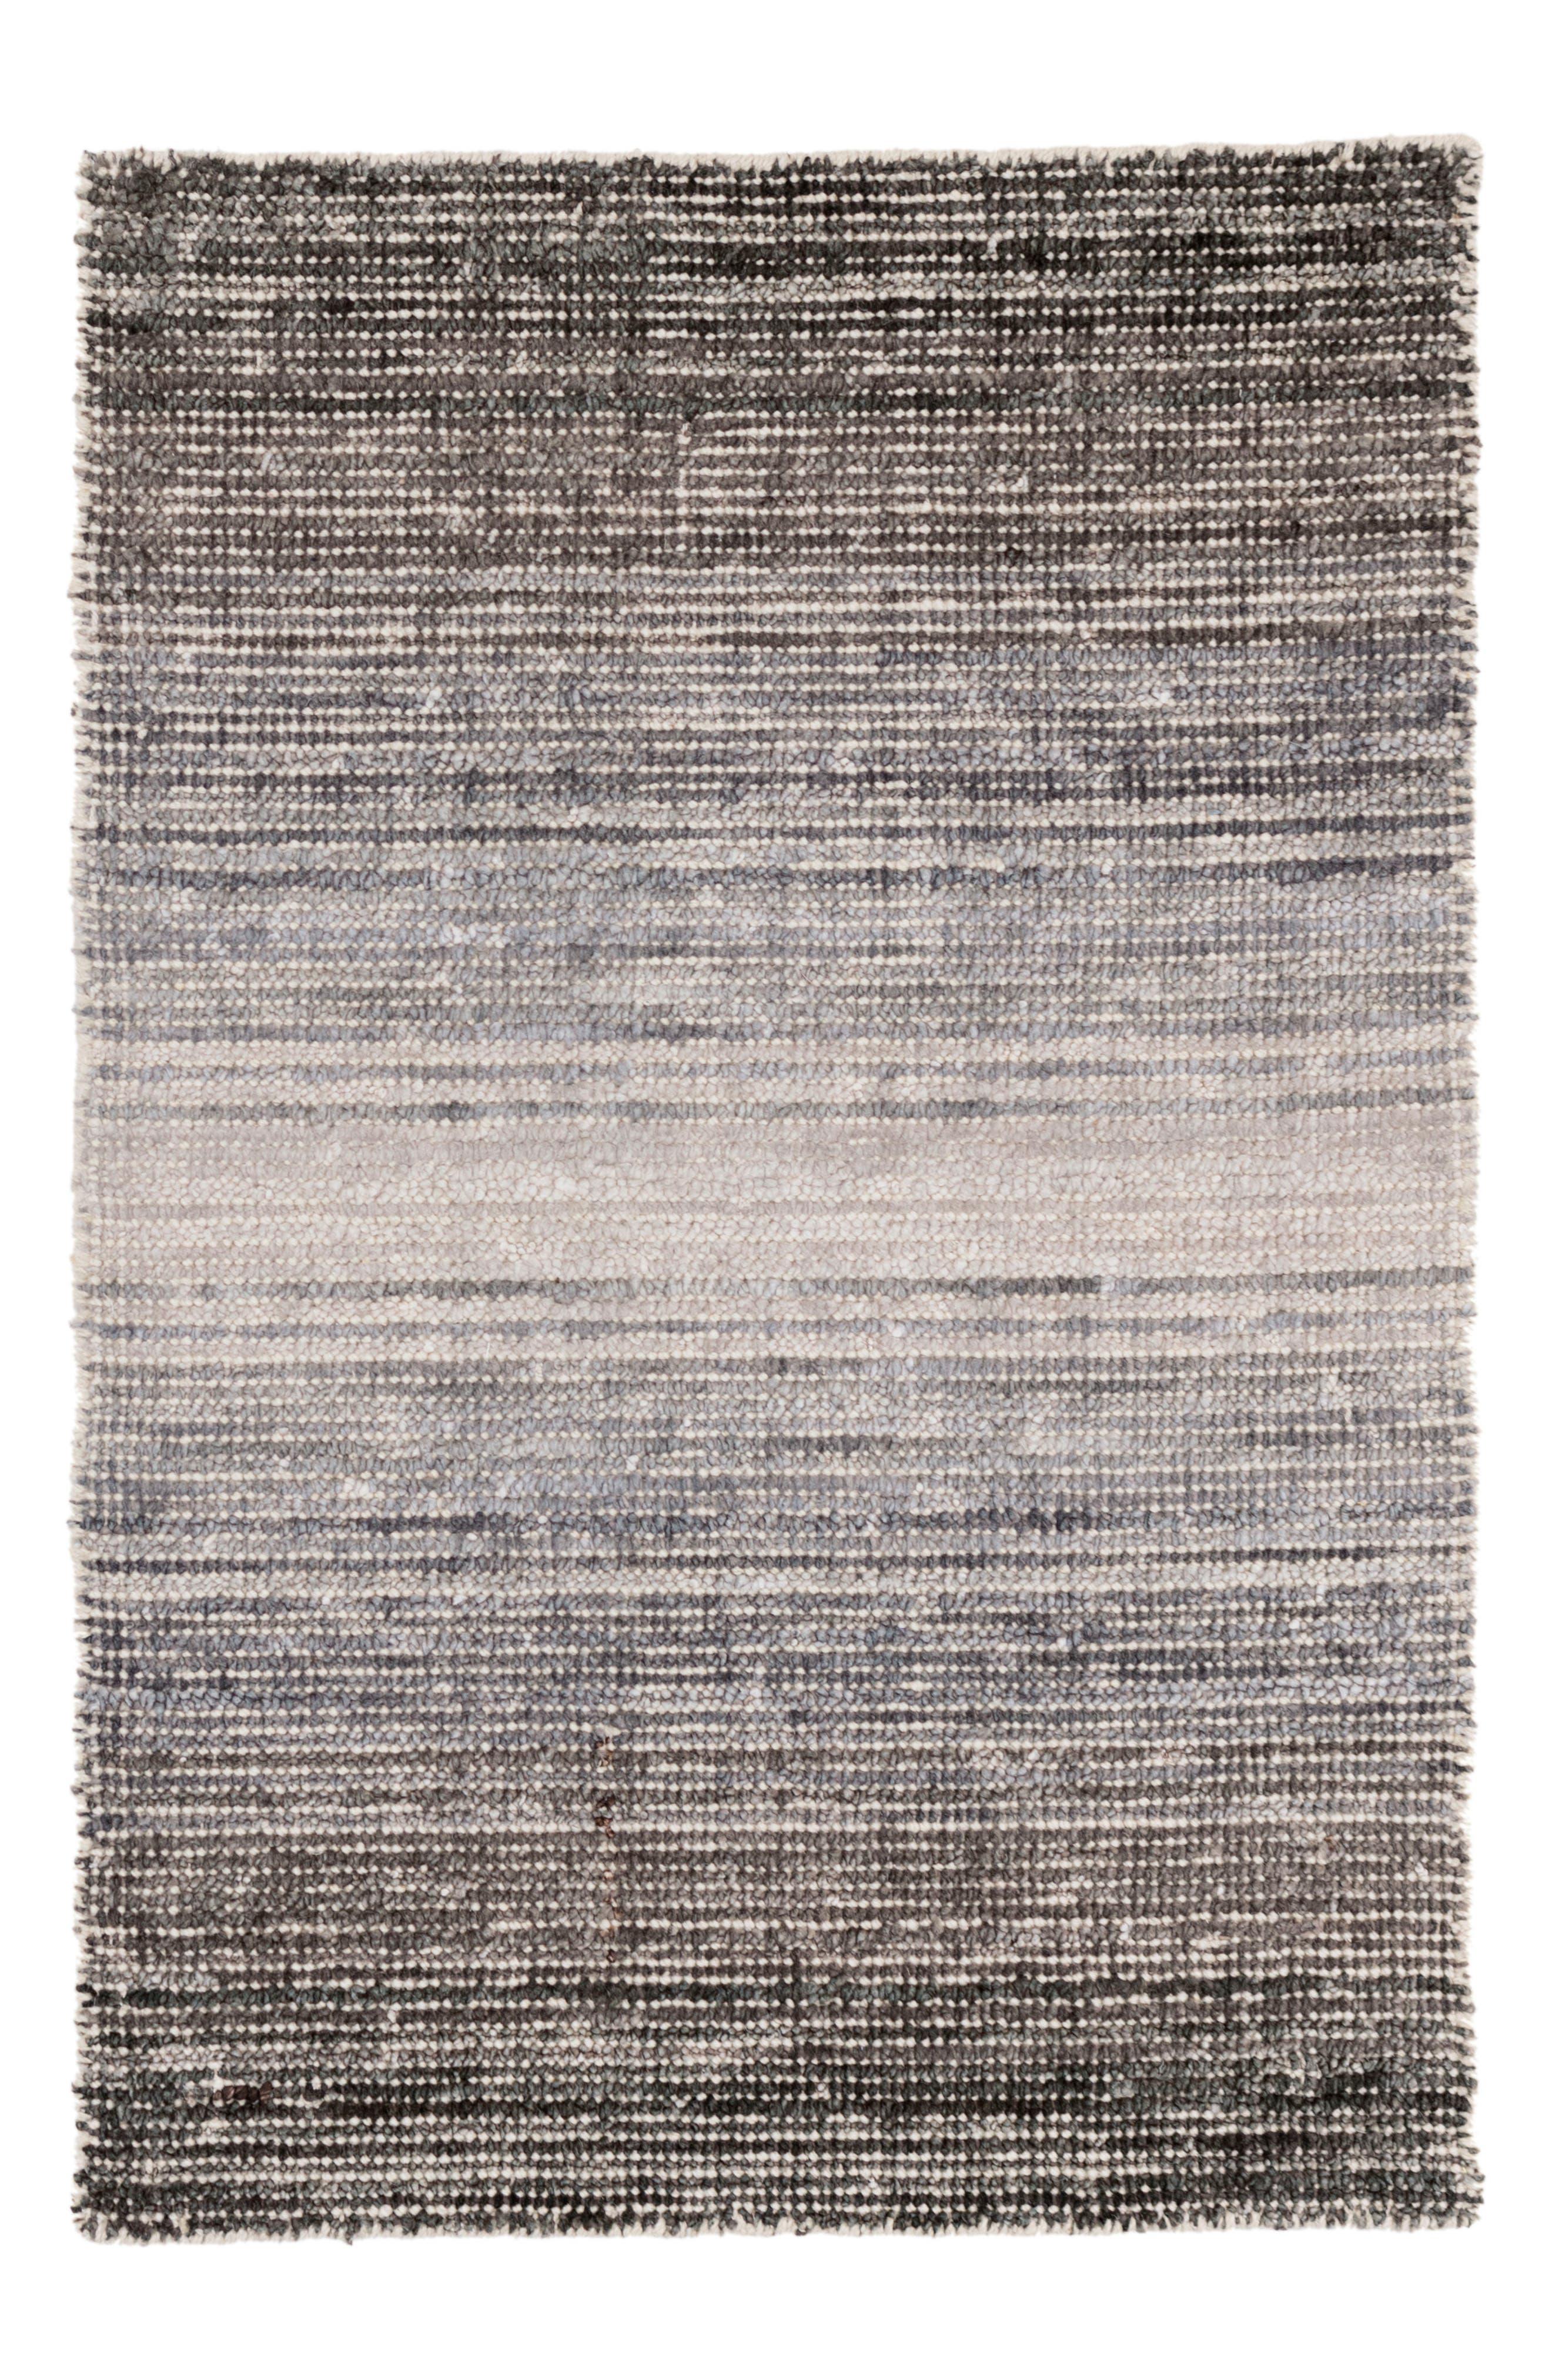 Grey Moon Handwoven Rug,                         Main,                         color, Grey